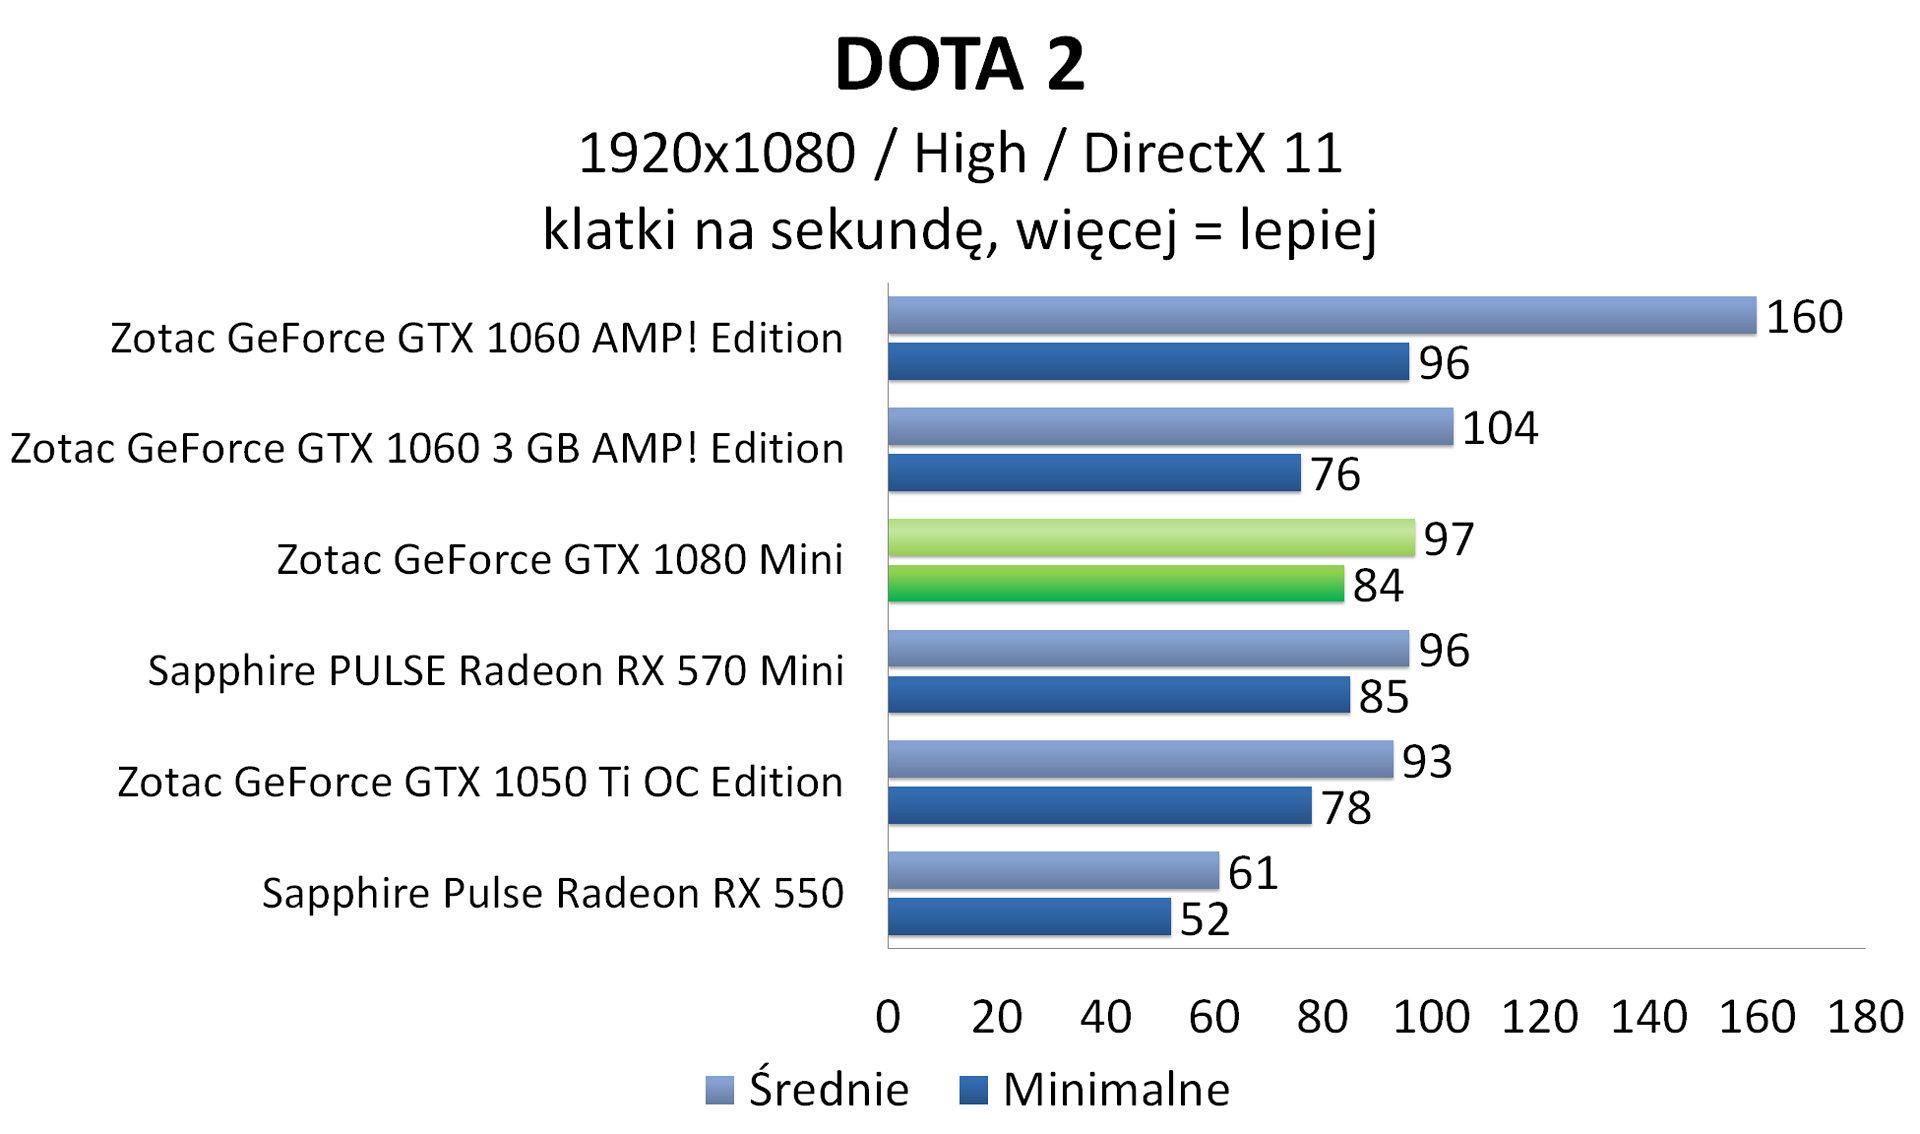 Zotac GeForce GTX 1080 Mini - DOTA 2